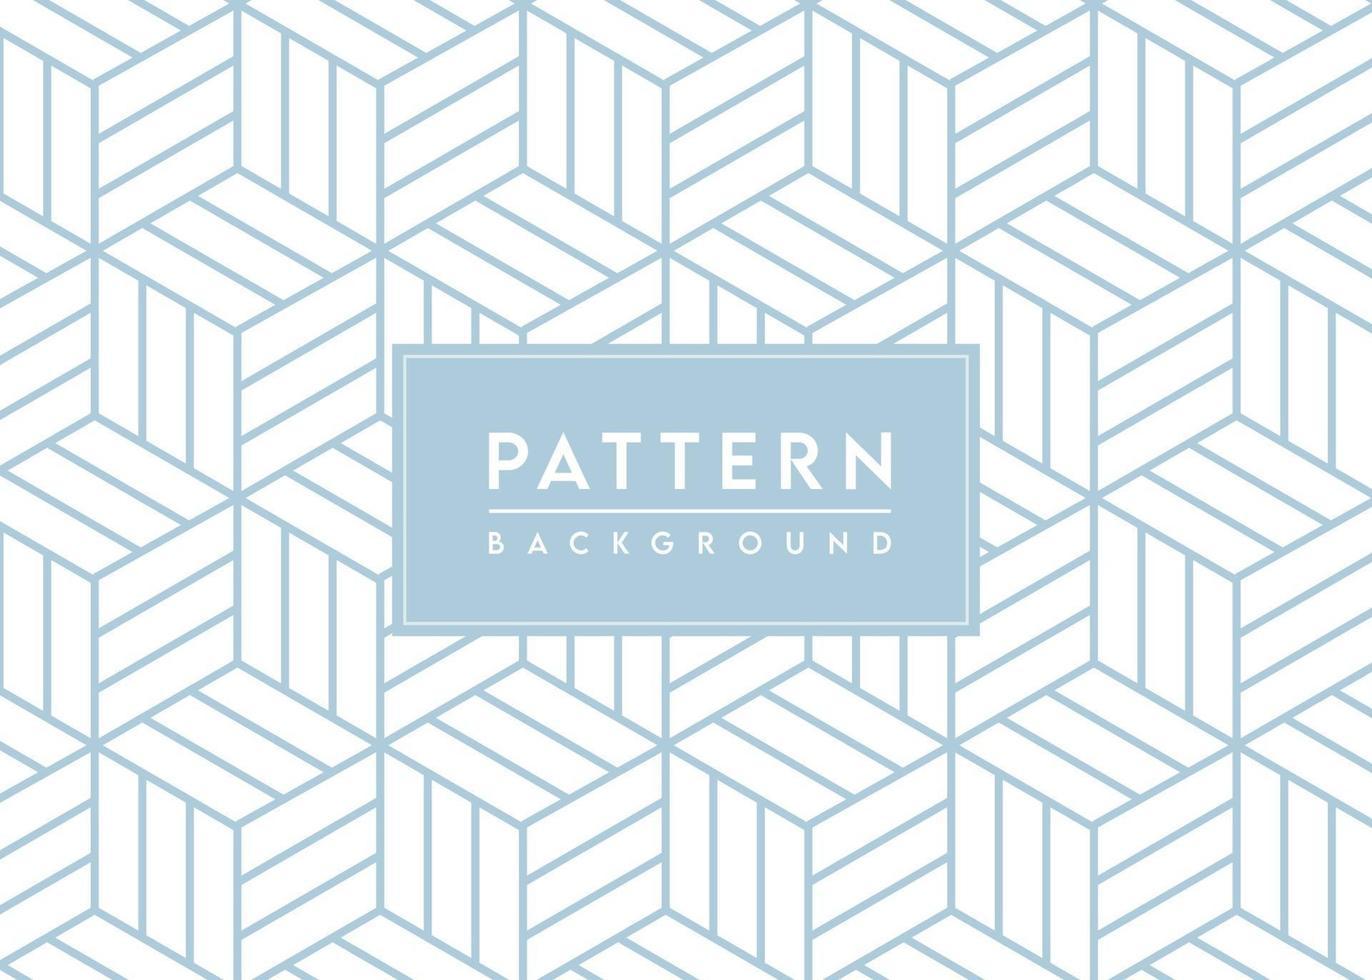 cubo padrão de fundo texturizado desenho vetorial vetor